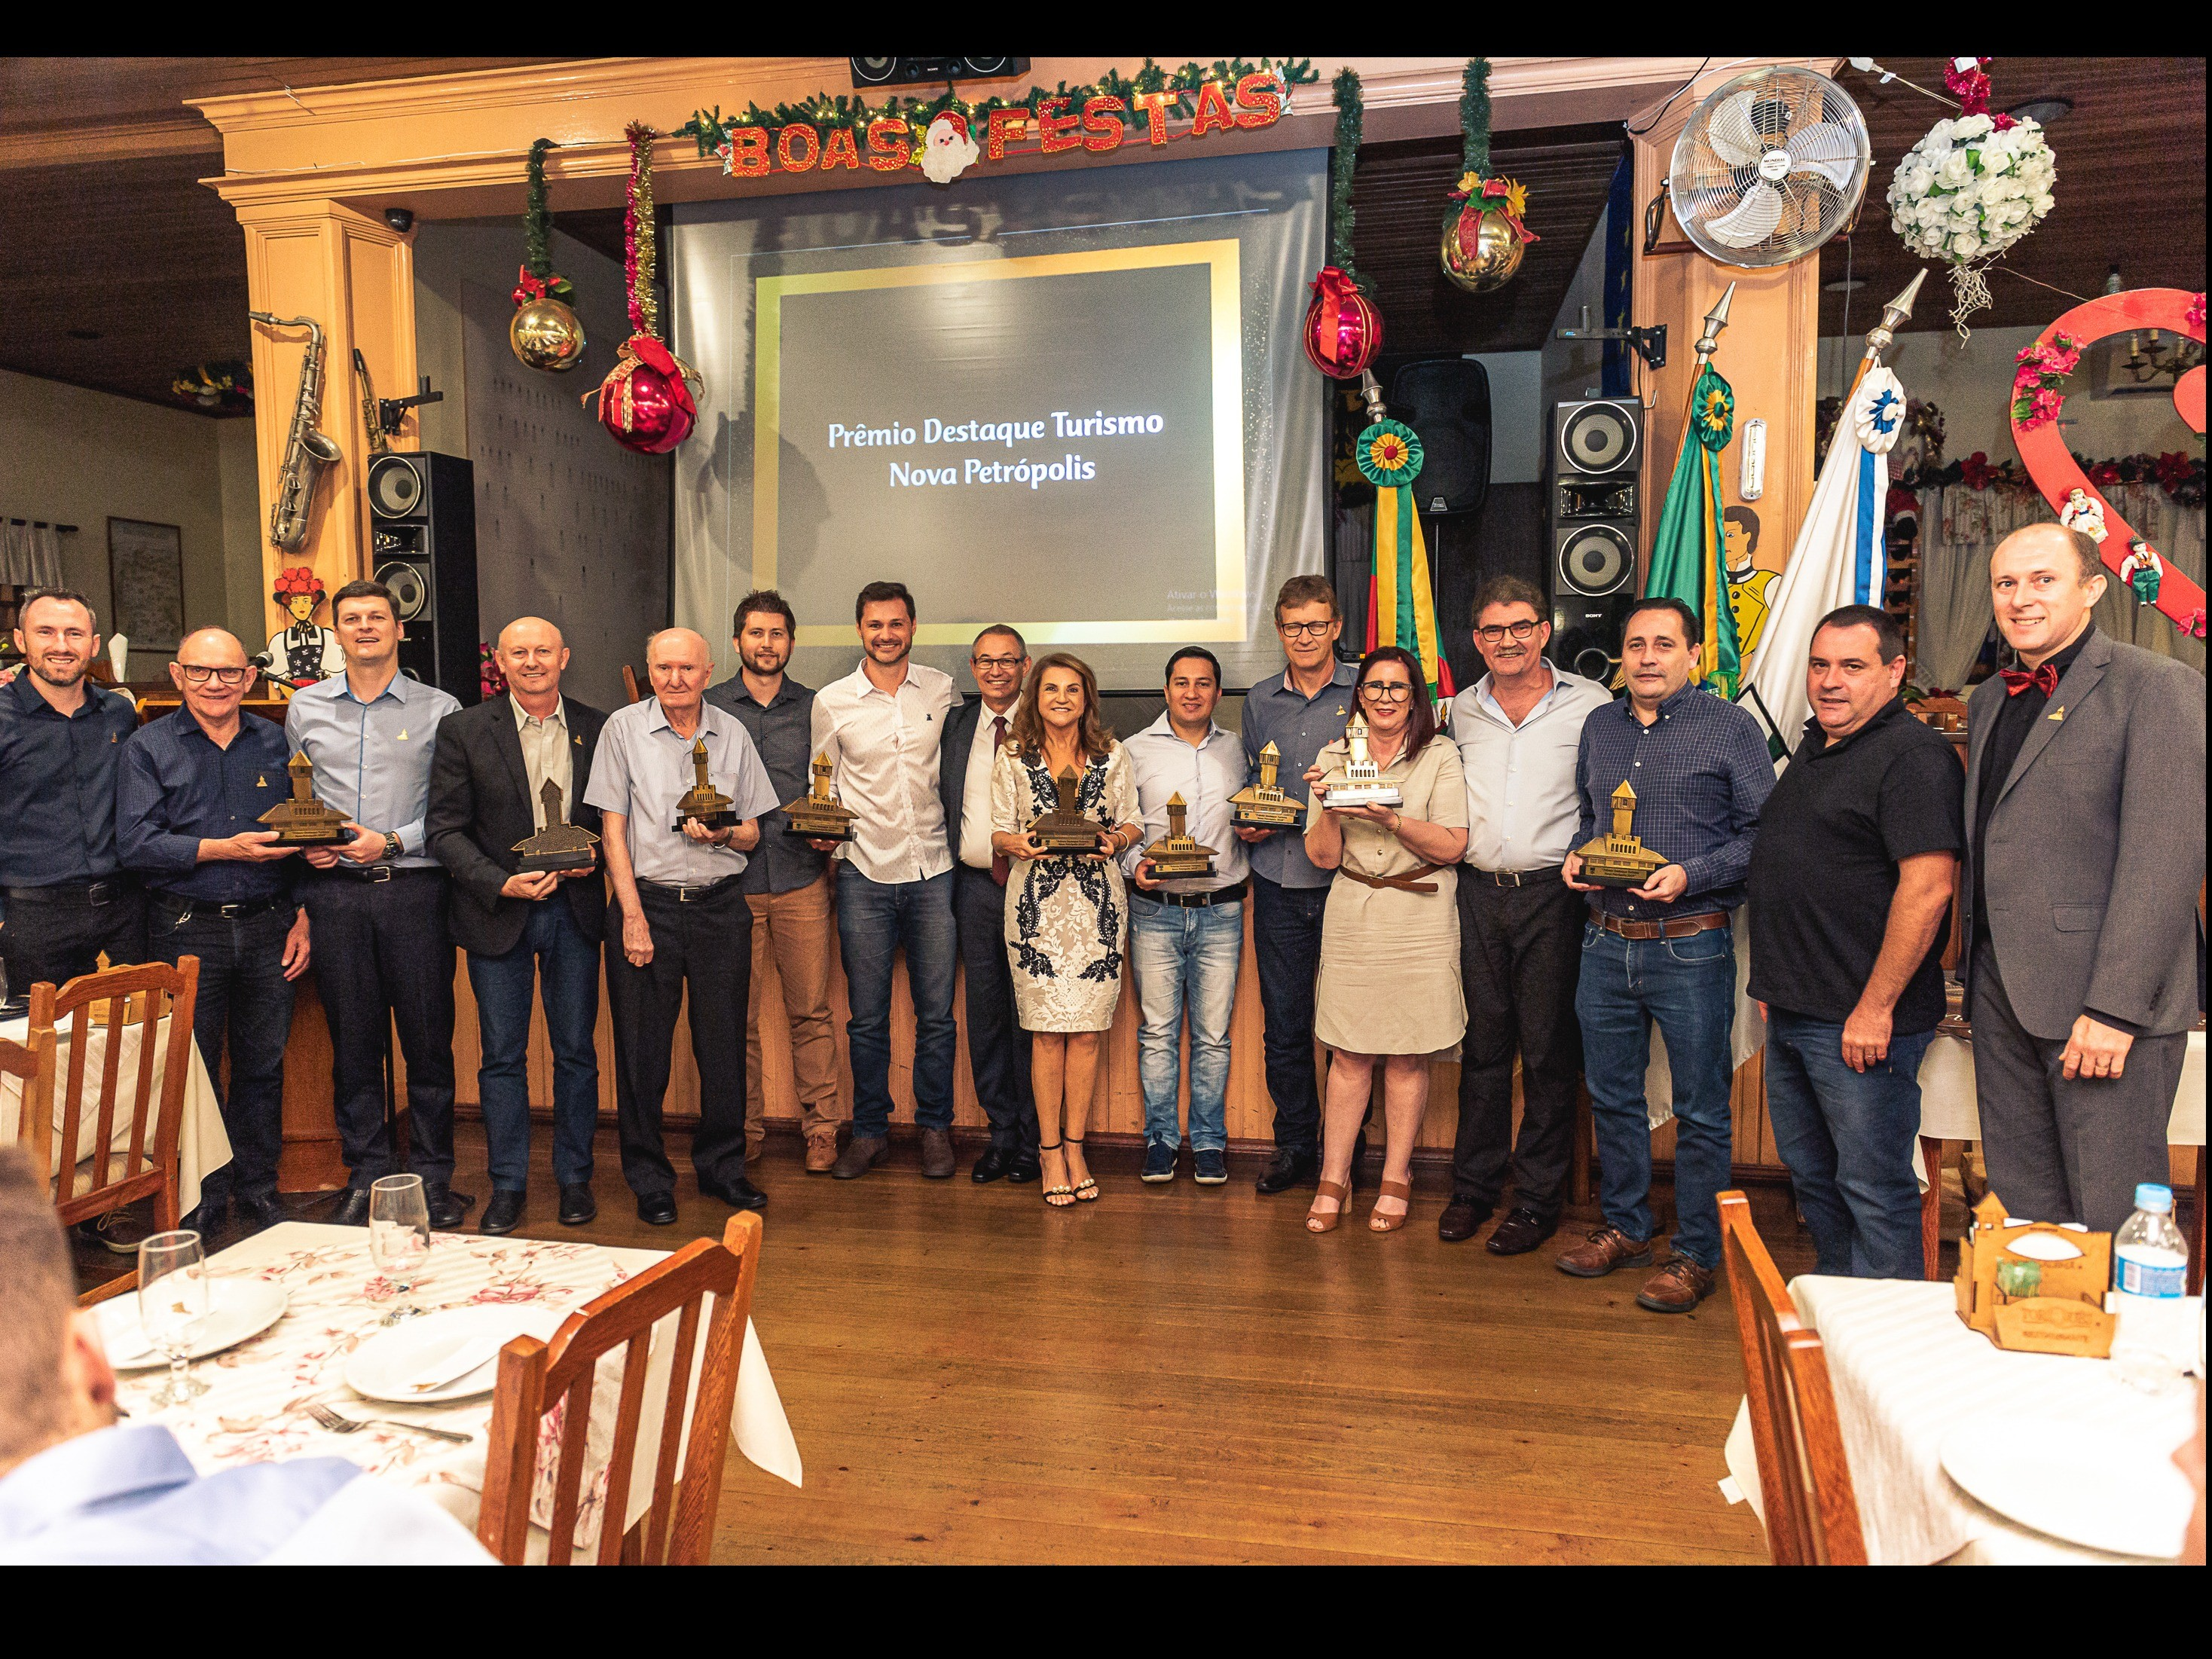 Foto de capa da notícia: Prêmio Destaque Turismo Nova Petrópolis homenageou dez categorias do ramo no dia 15 de dezembro